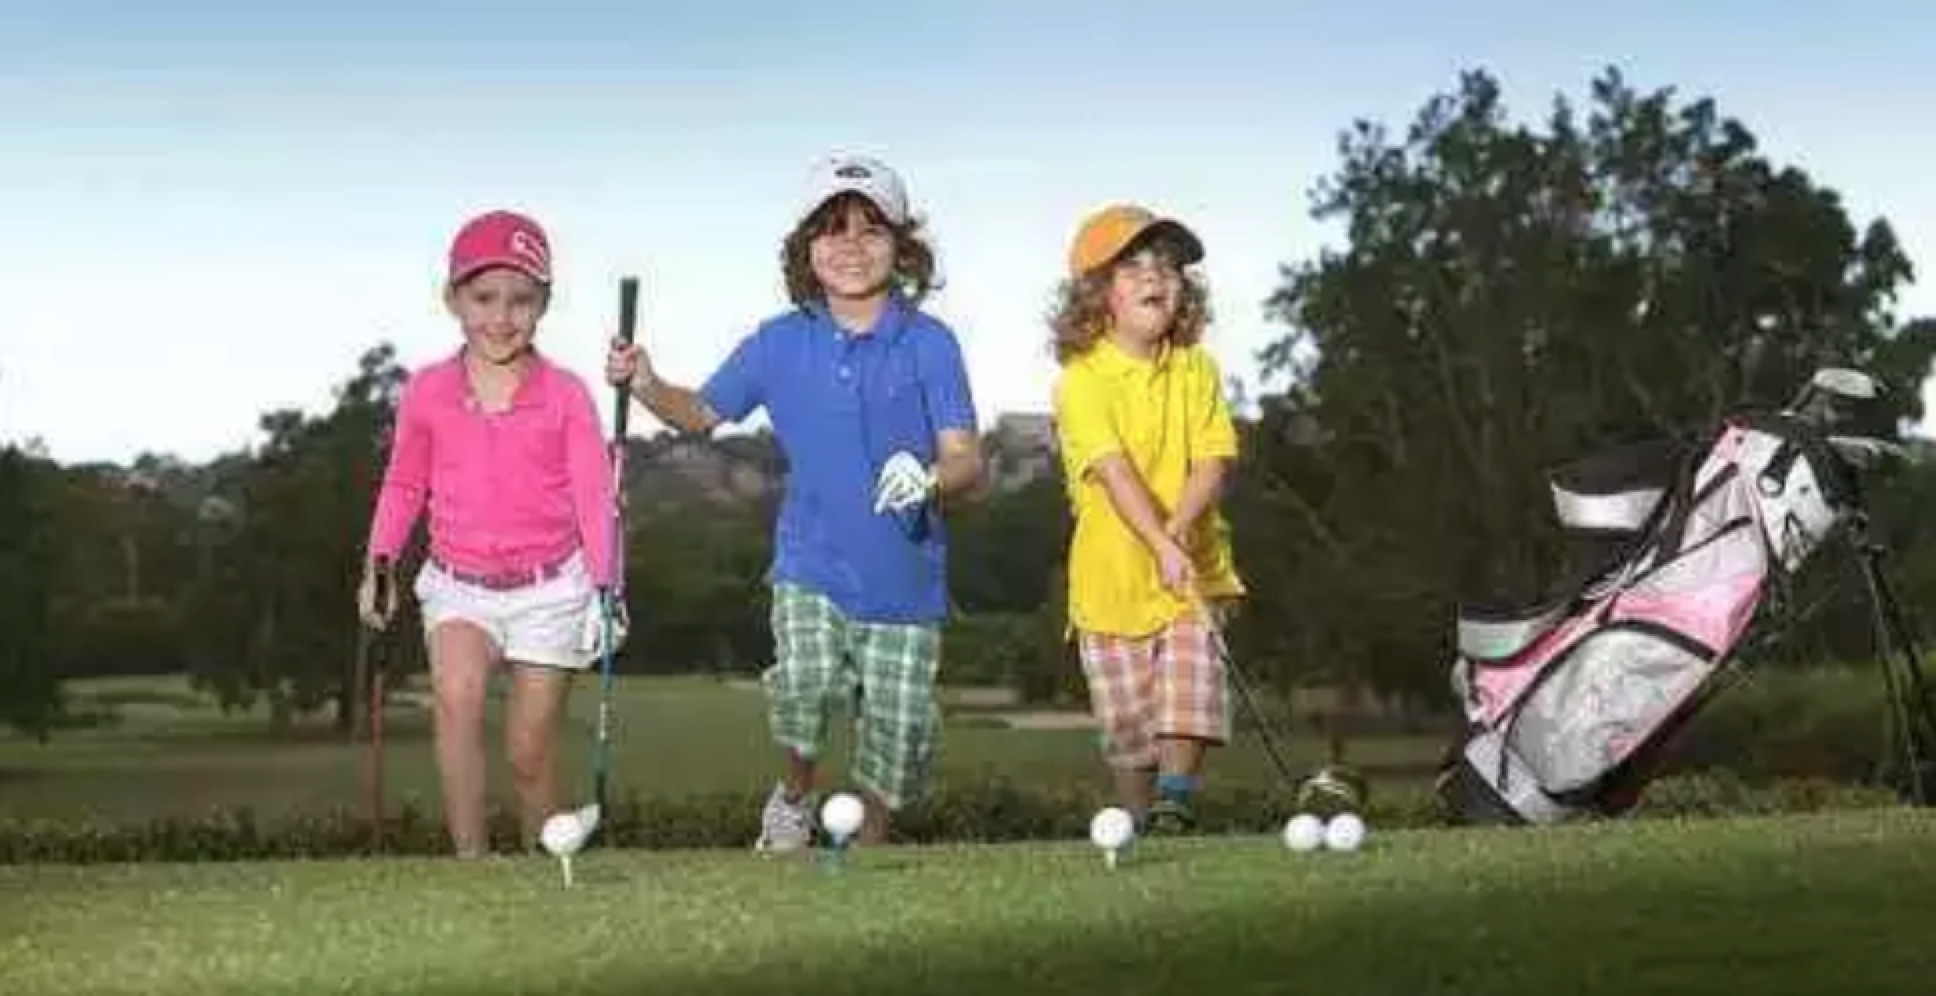 暑假到了带着您的孩子来一场高尔之旅吧!